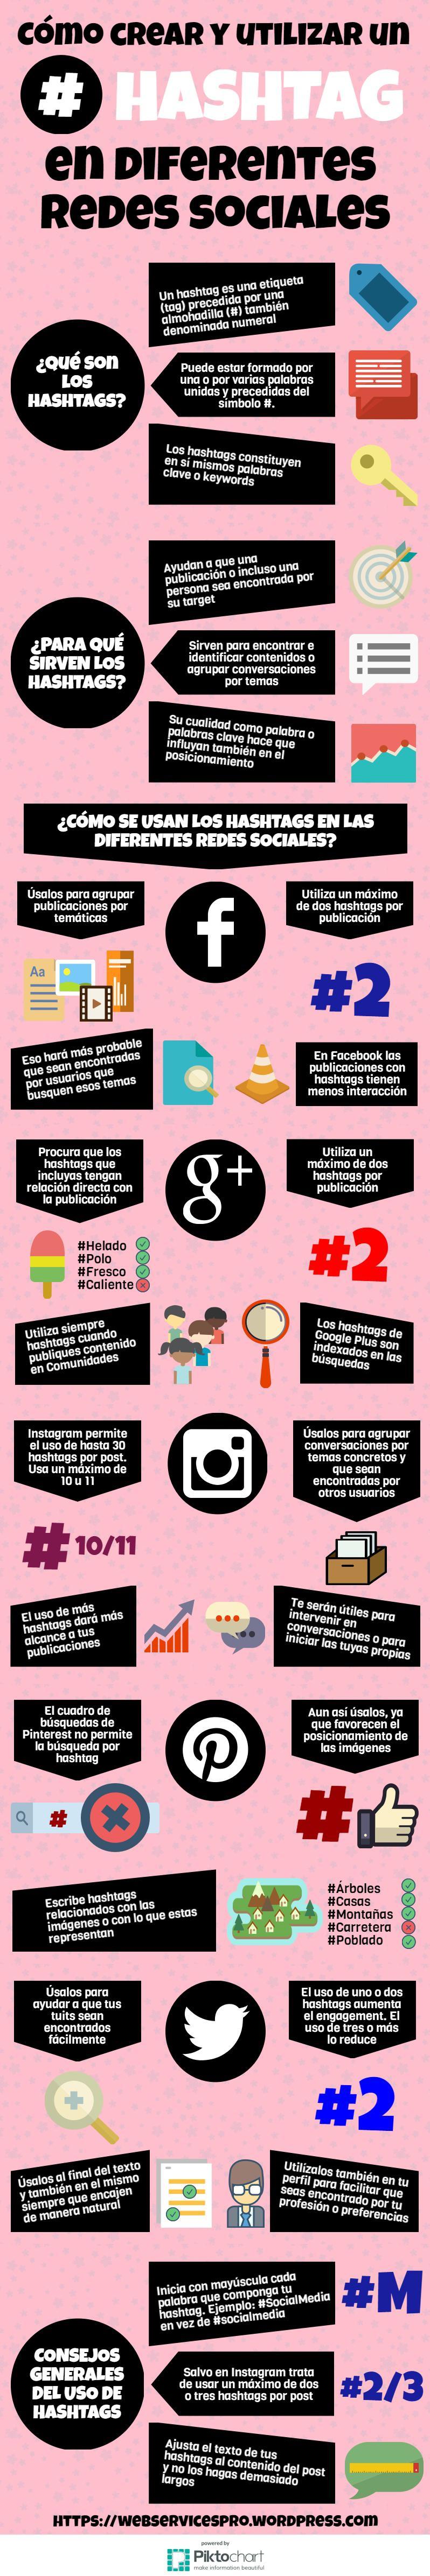 Cómo usar un hashtag en diferentes Redes Sociales